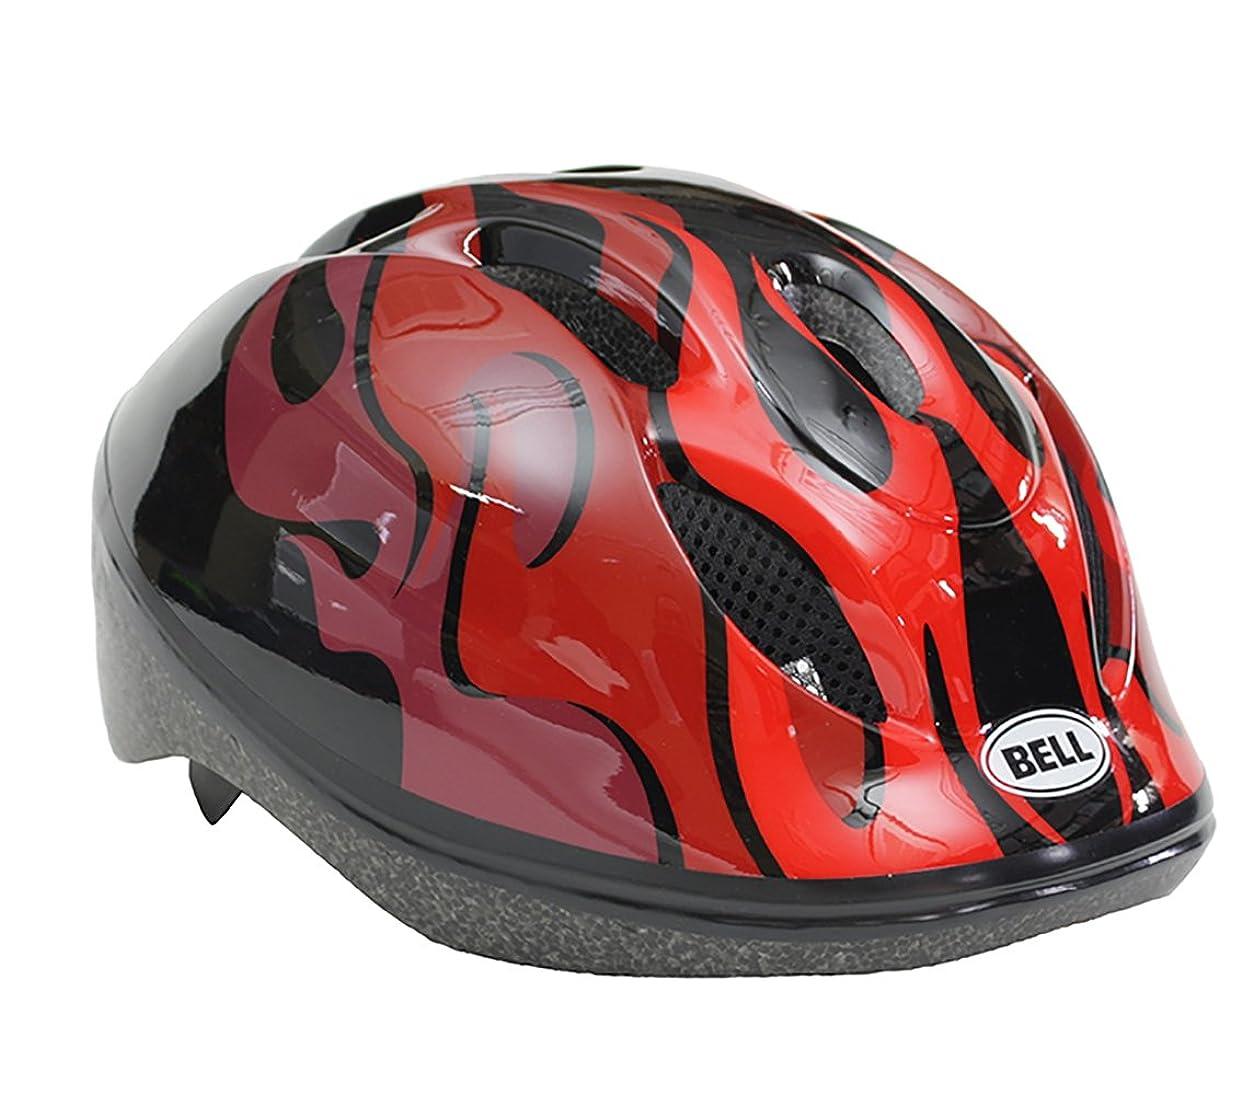 職業解放するキャンベラベル(BELL) ヘルメット ズーム2 ZOOM2 ブラック/レッドフレイムス